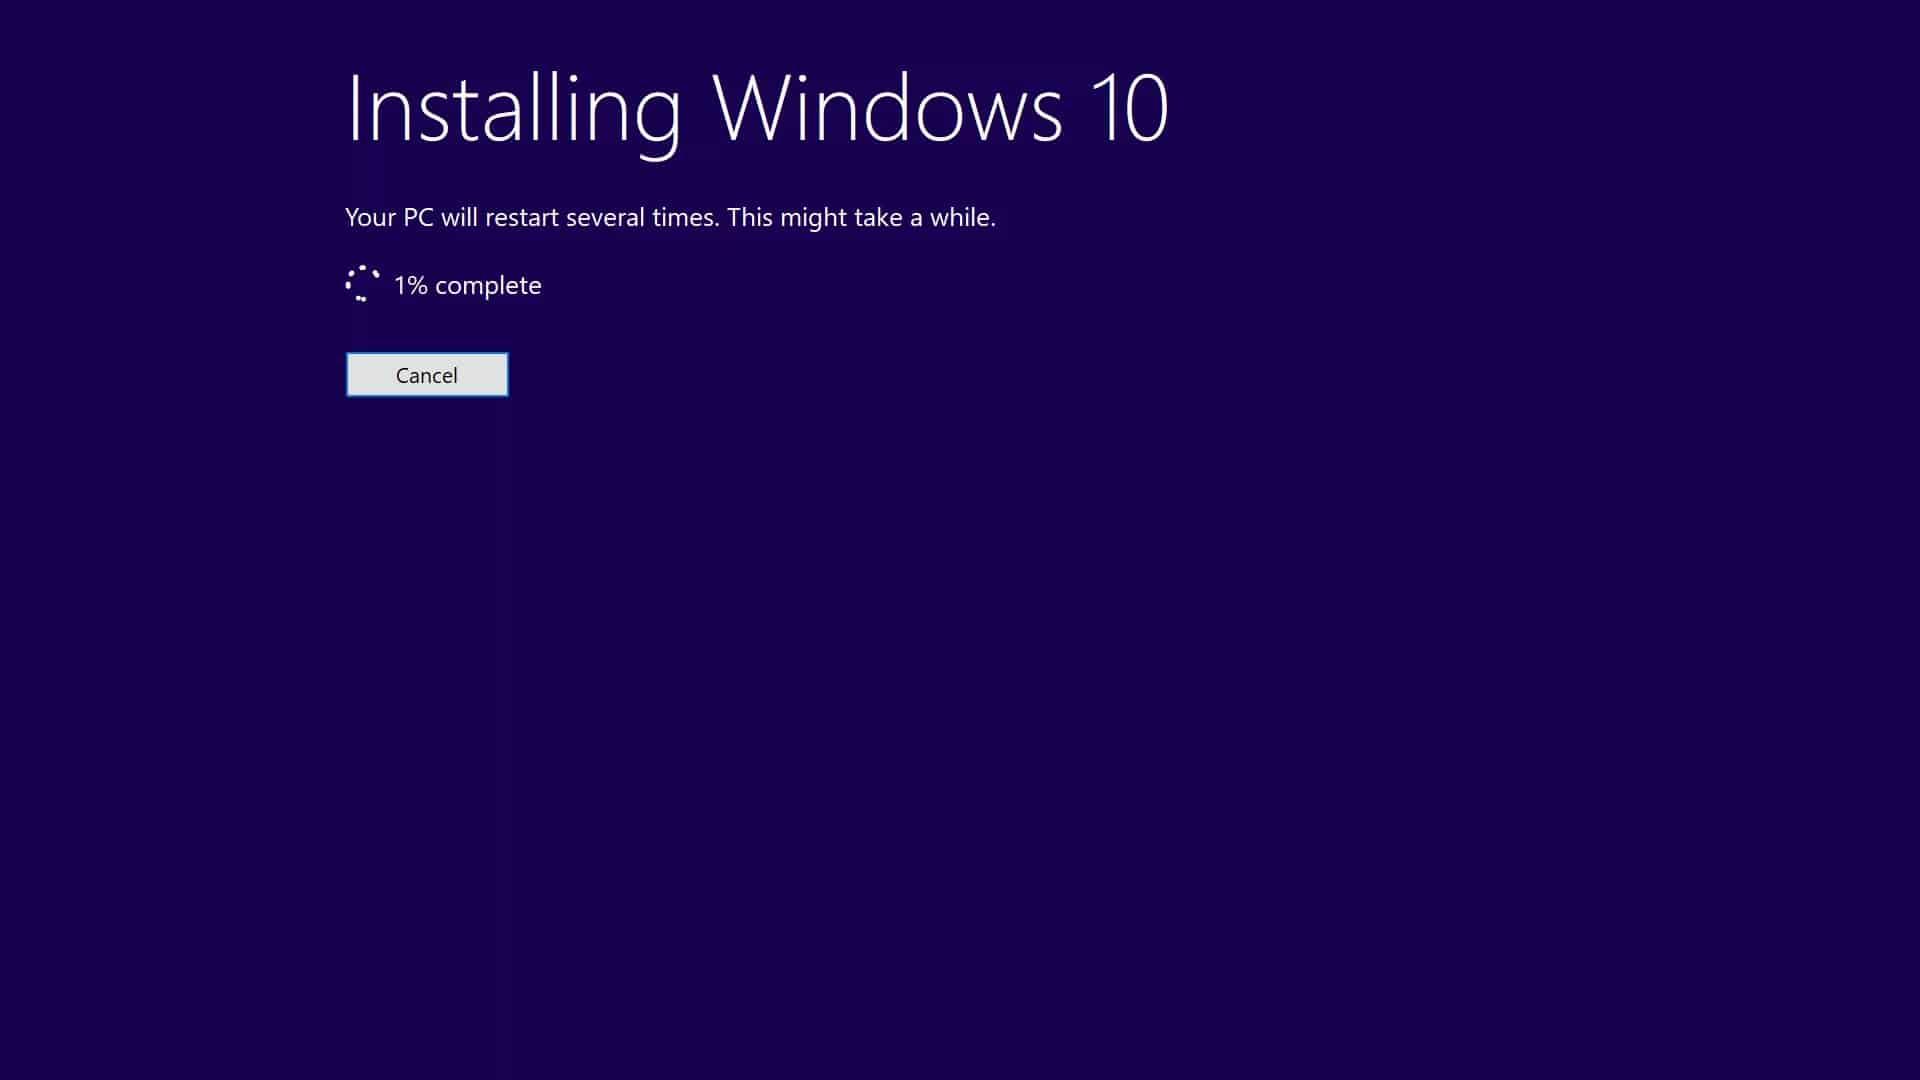 Proses instalasi Windows akan berjalan dan tunggu hingga 30-45 menit untuk menyelesaikan prosesnya